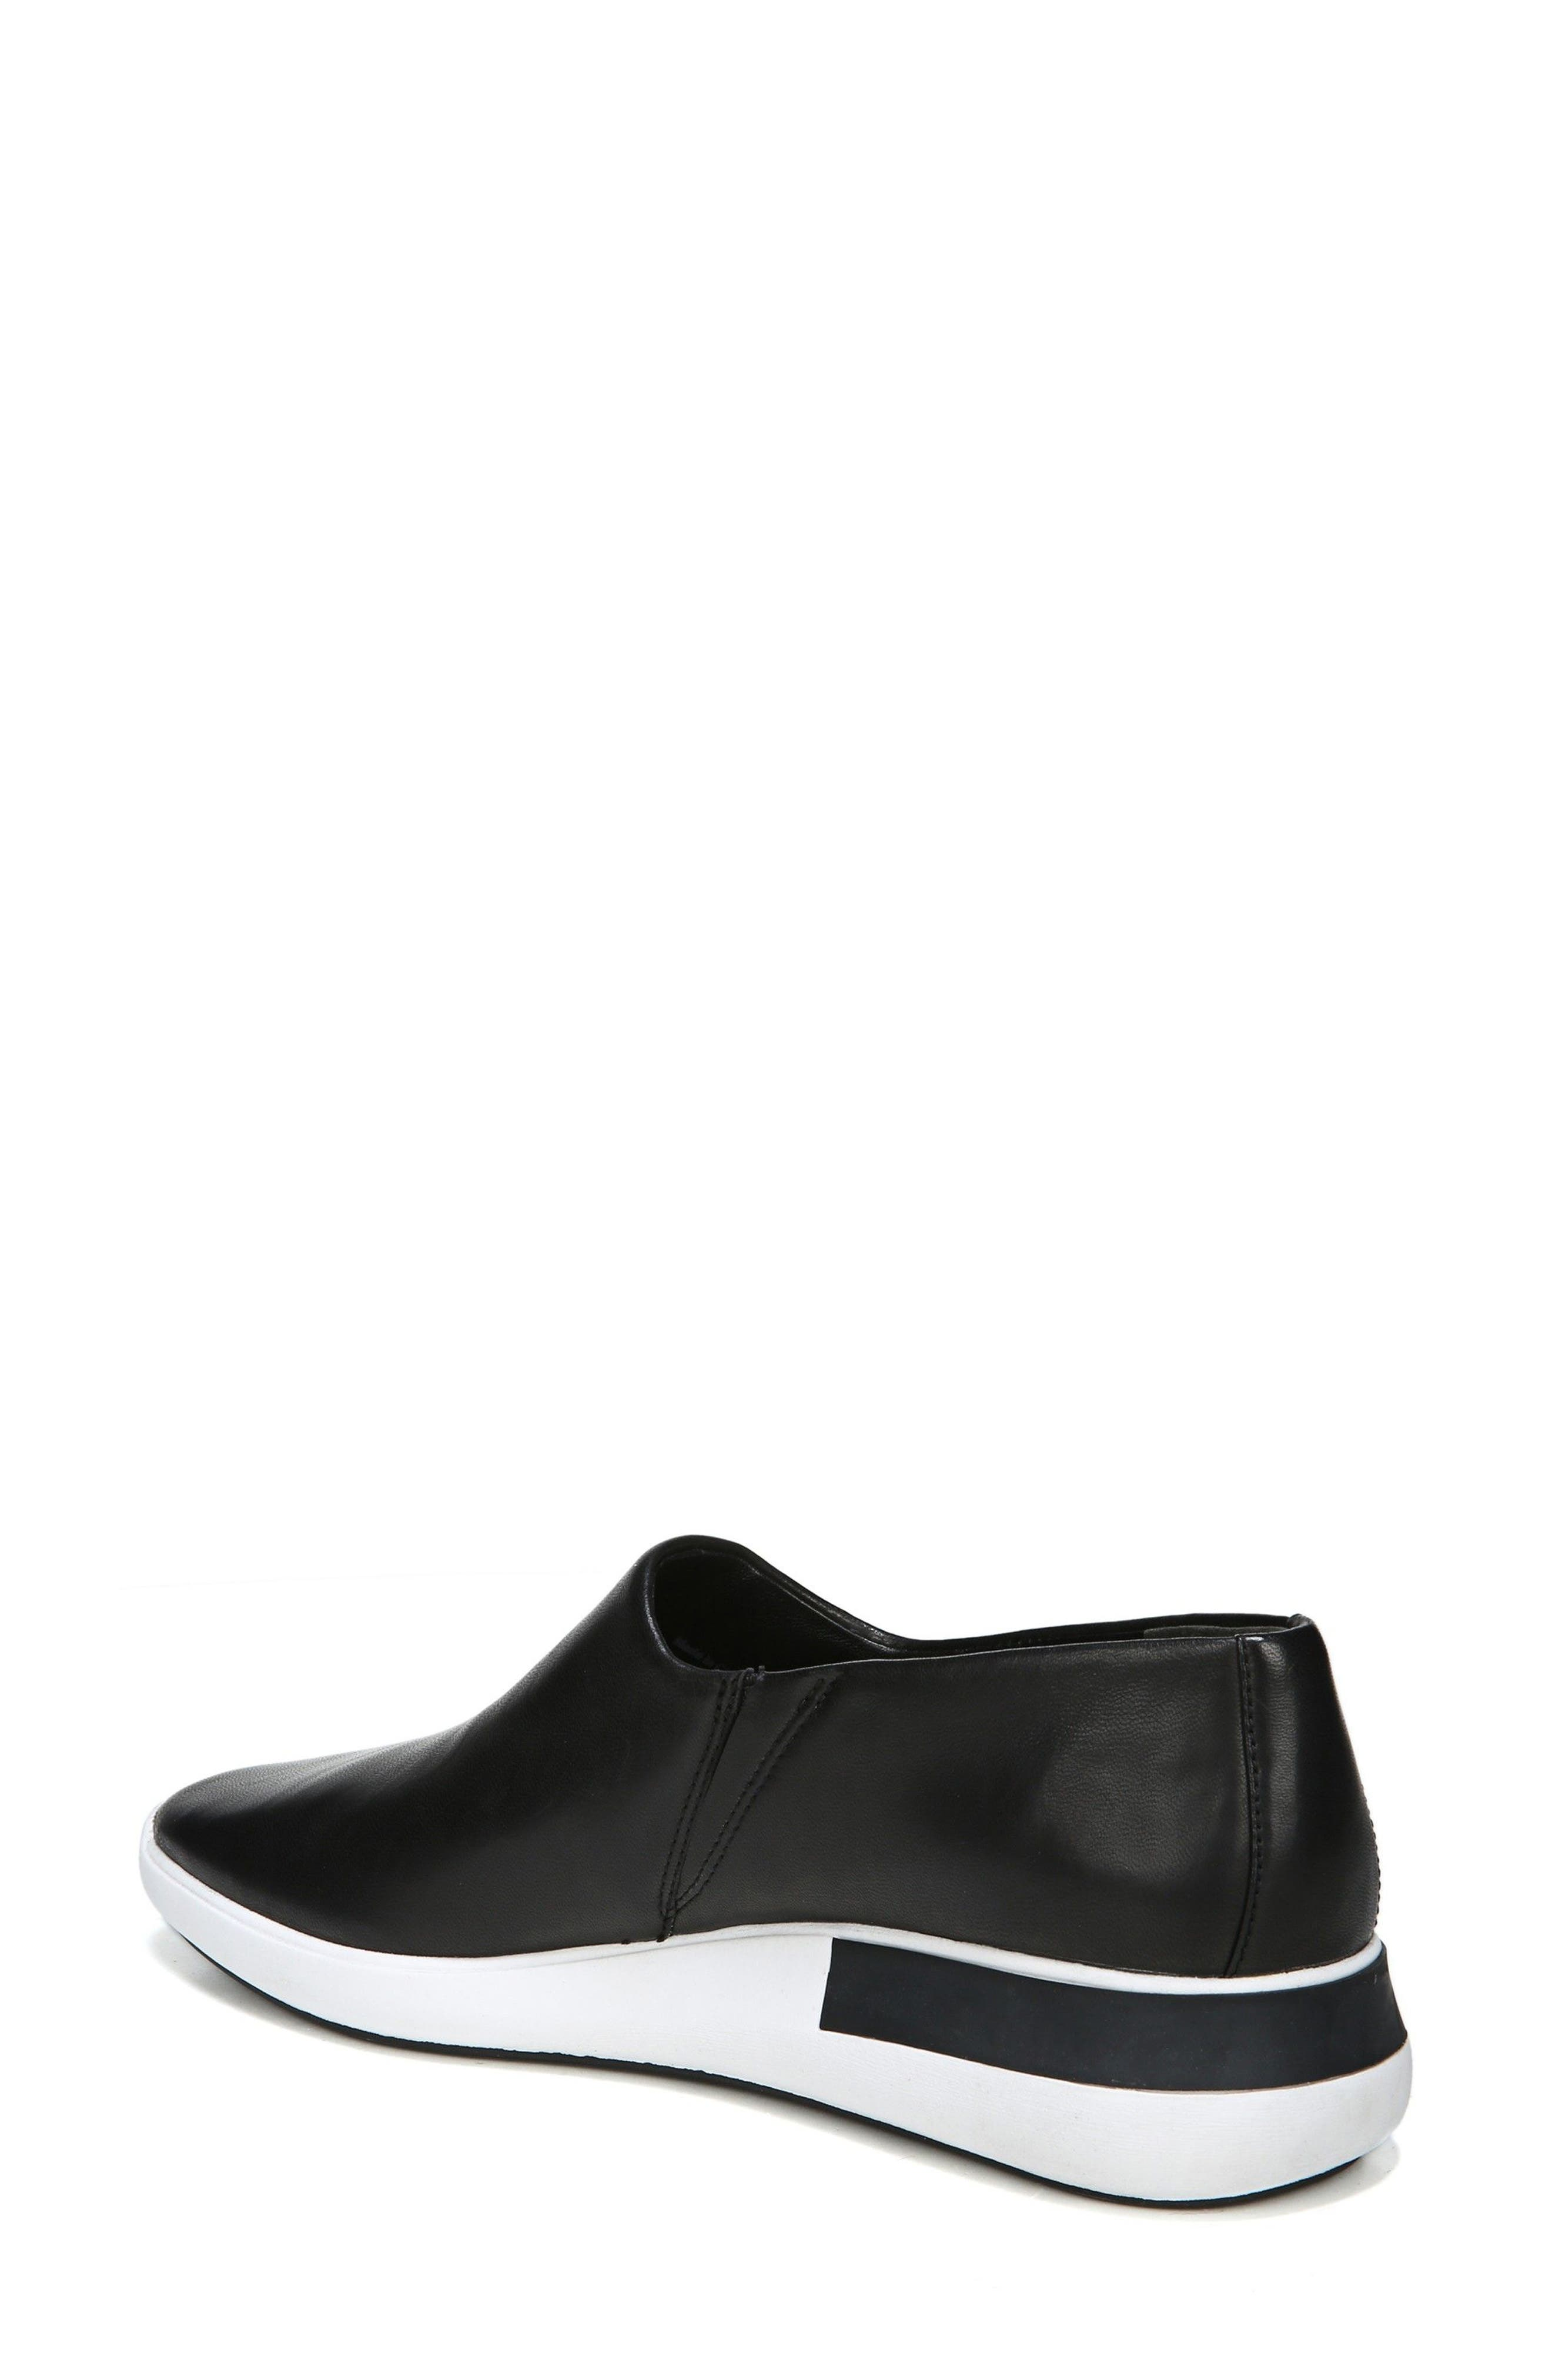 Malena Slip-On Sneaker,                             Alternate thumbnail 2, color,                             001